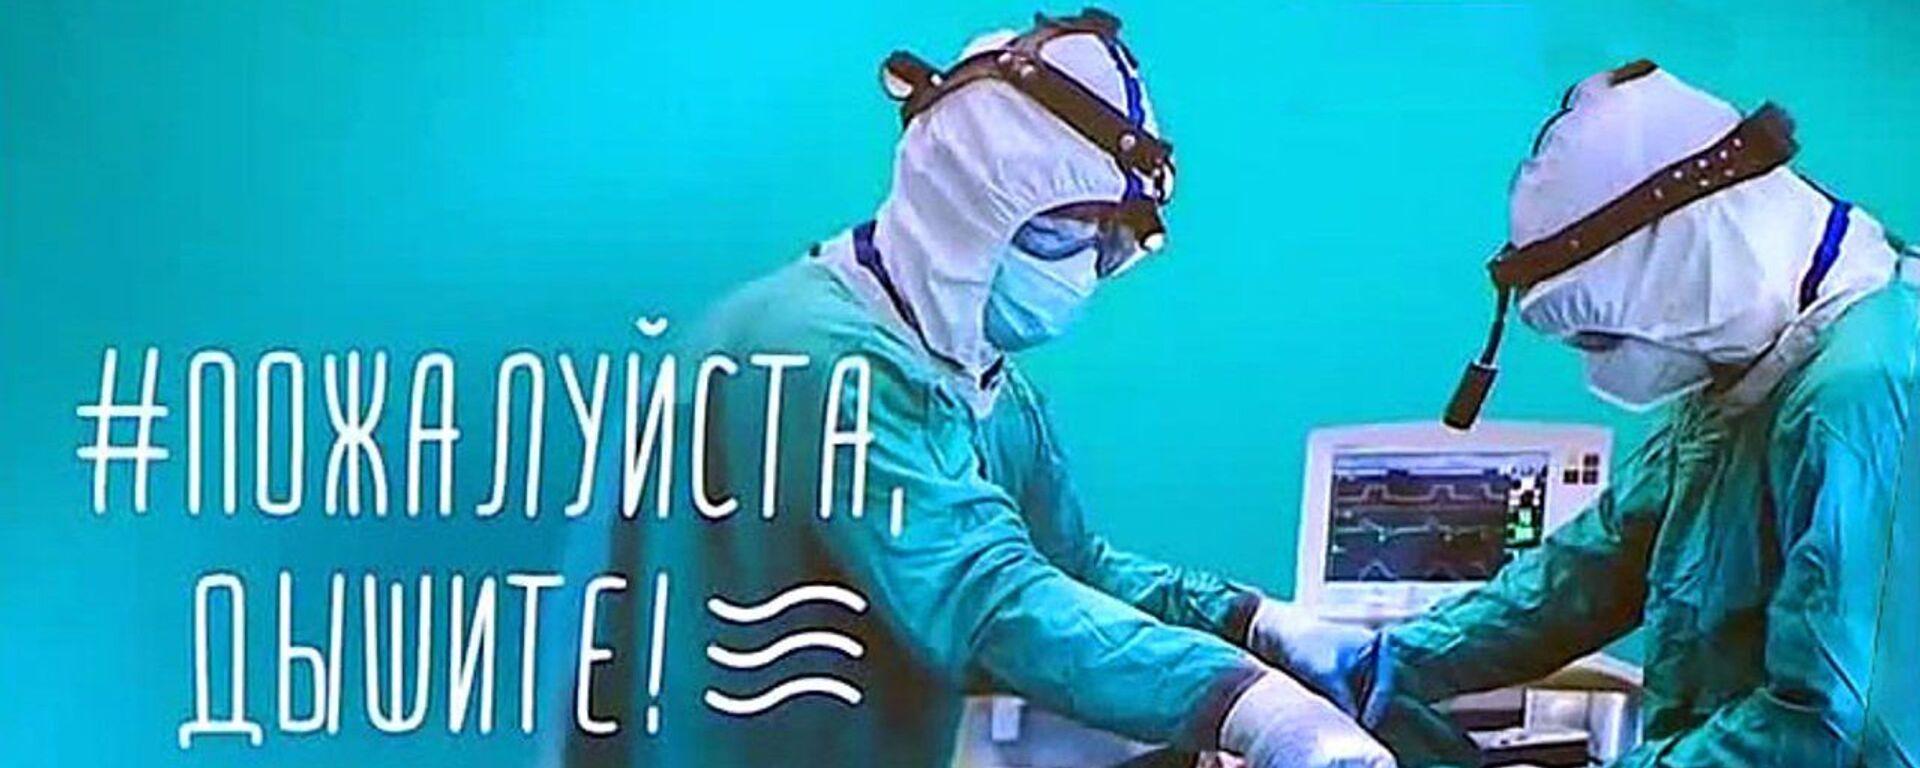 Akcja Proszę, oddychaj!. - Sputnik Polska, 1920, 21.09.2020